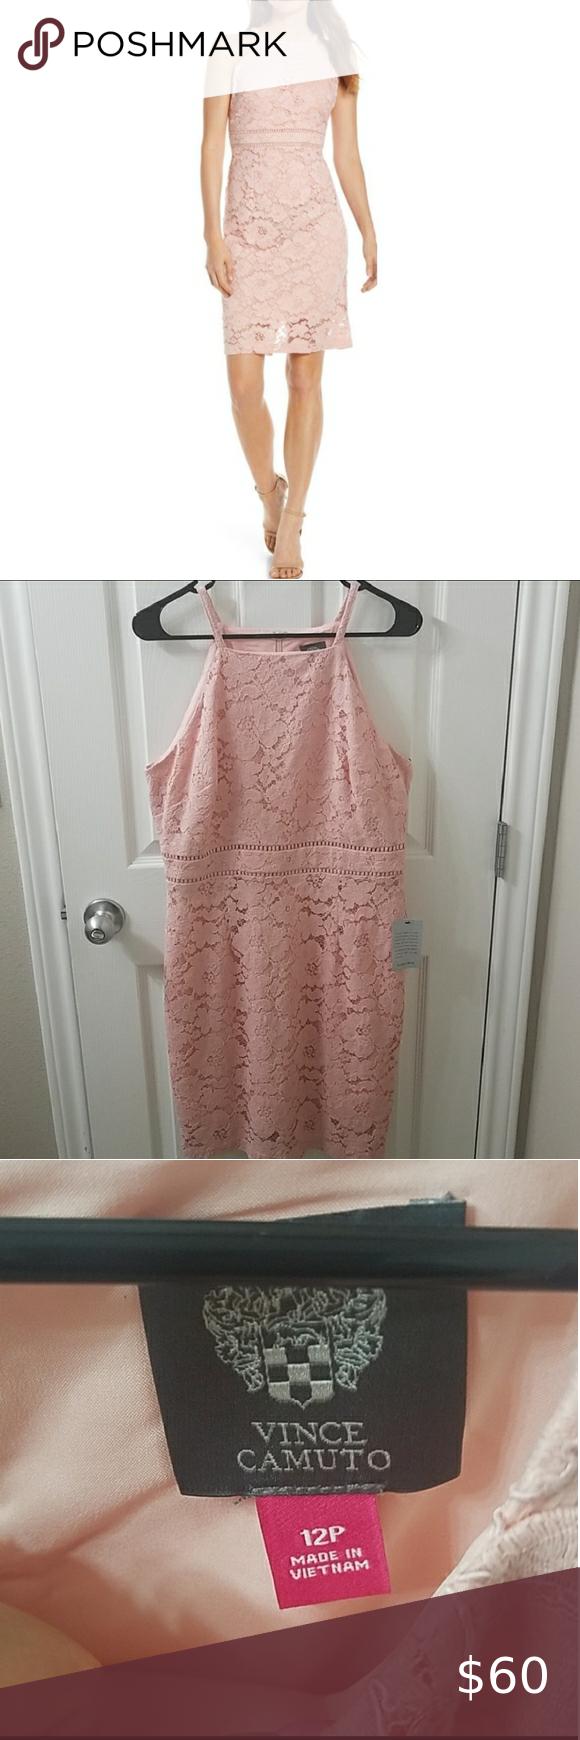 Vince Camuto Lace Sheath Dress Blush Pink Dresses Clothes Design Lace Sheath Dress [ 1740 x 580 Pixel ]